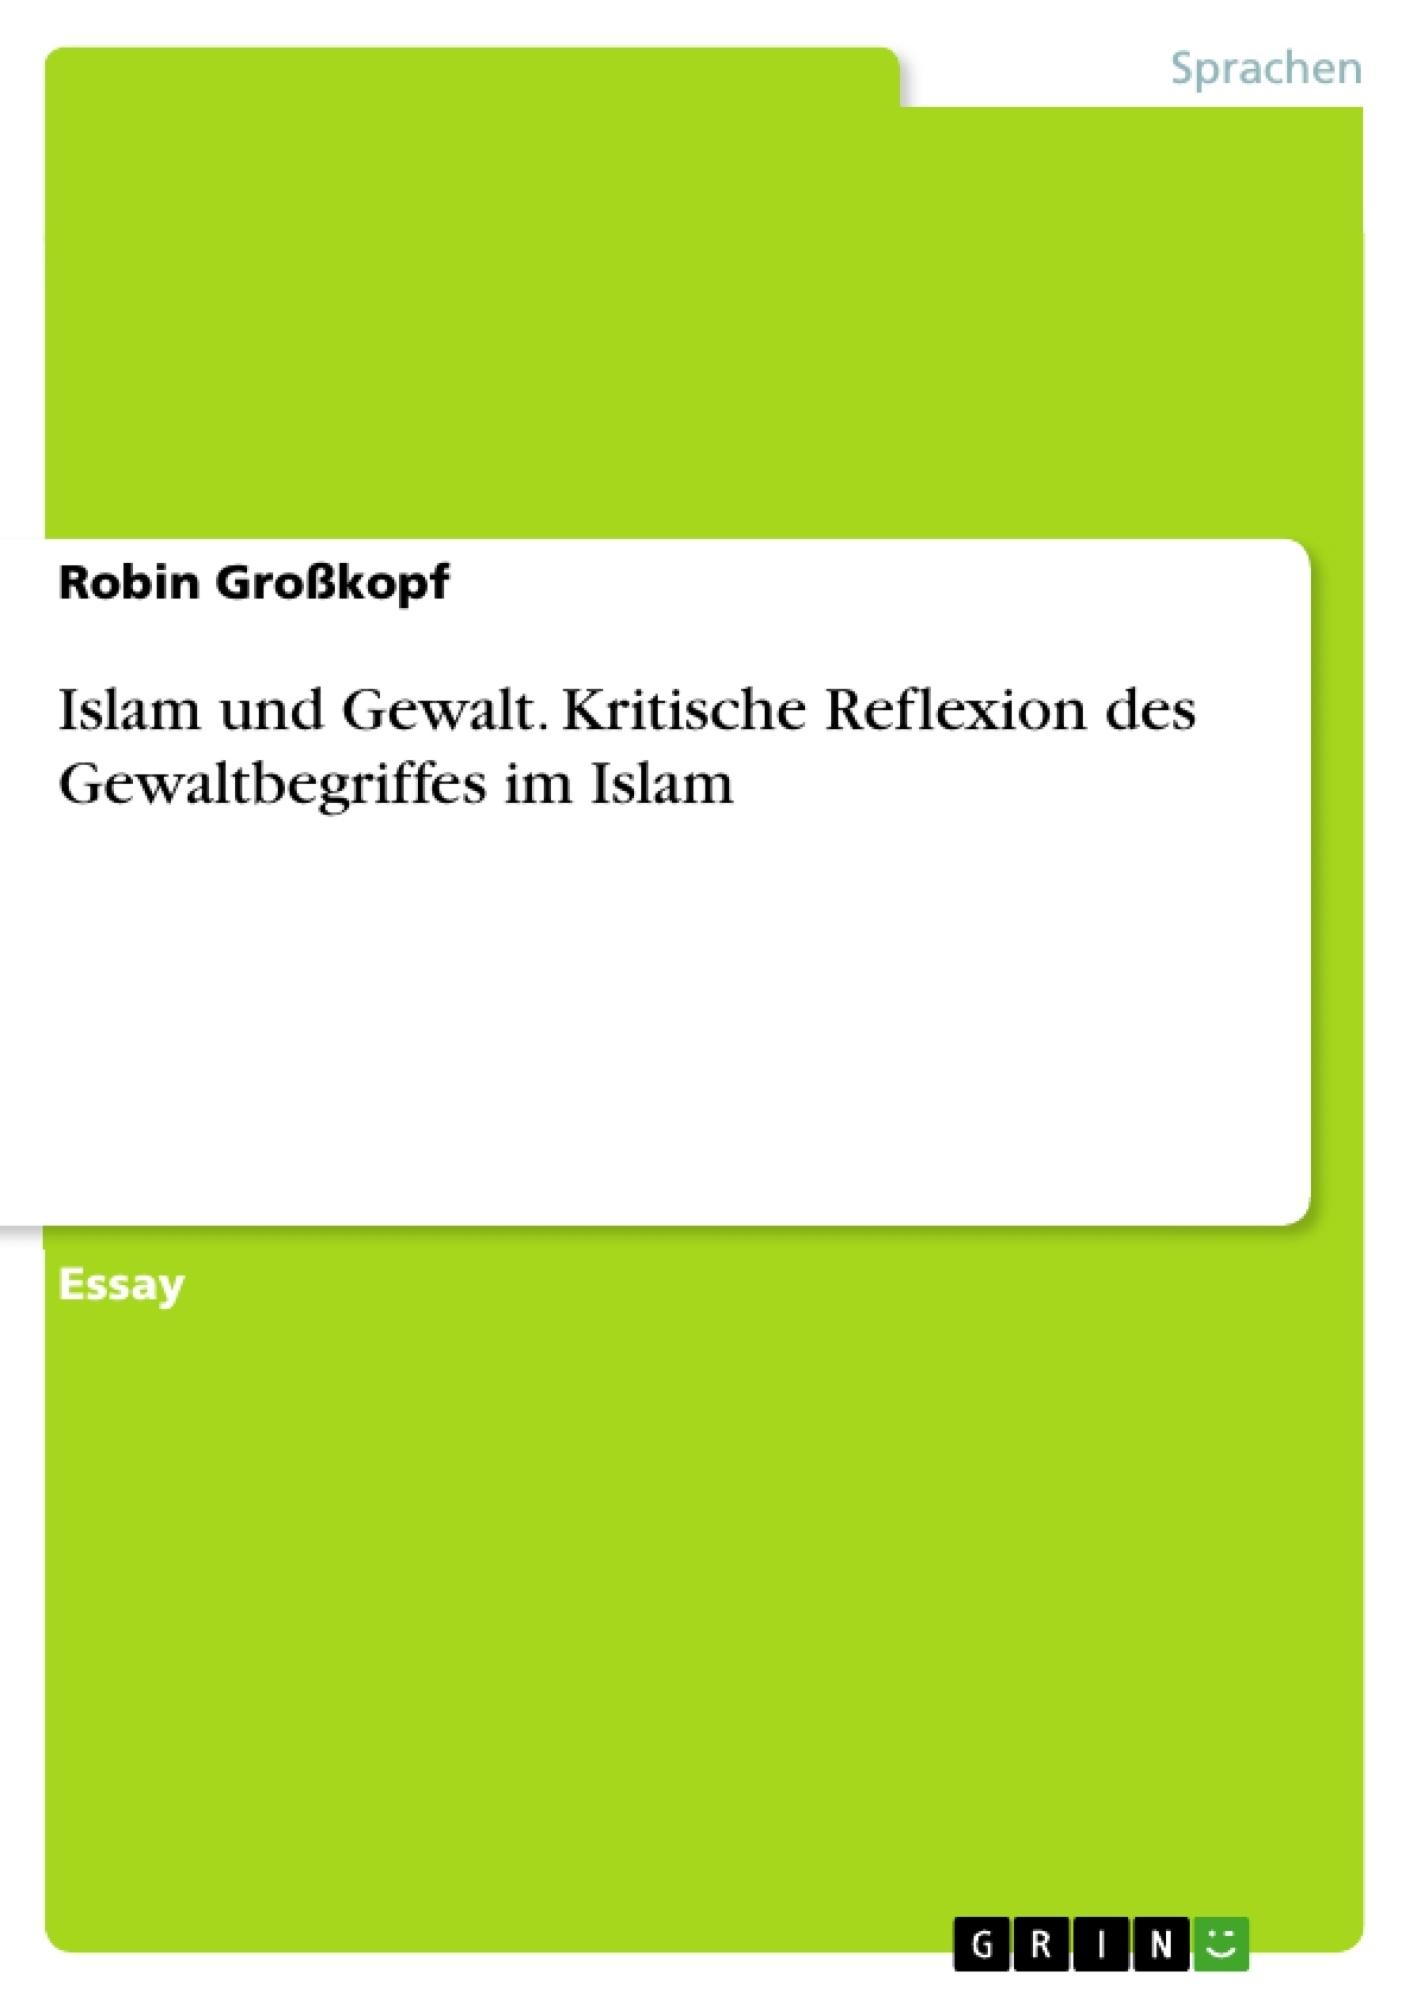 Titel: Islam und Gewalt. Kritische Reflexion des Gewaltbegriffes im Islam